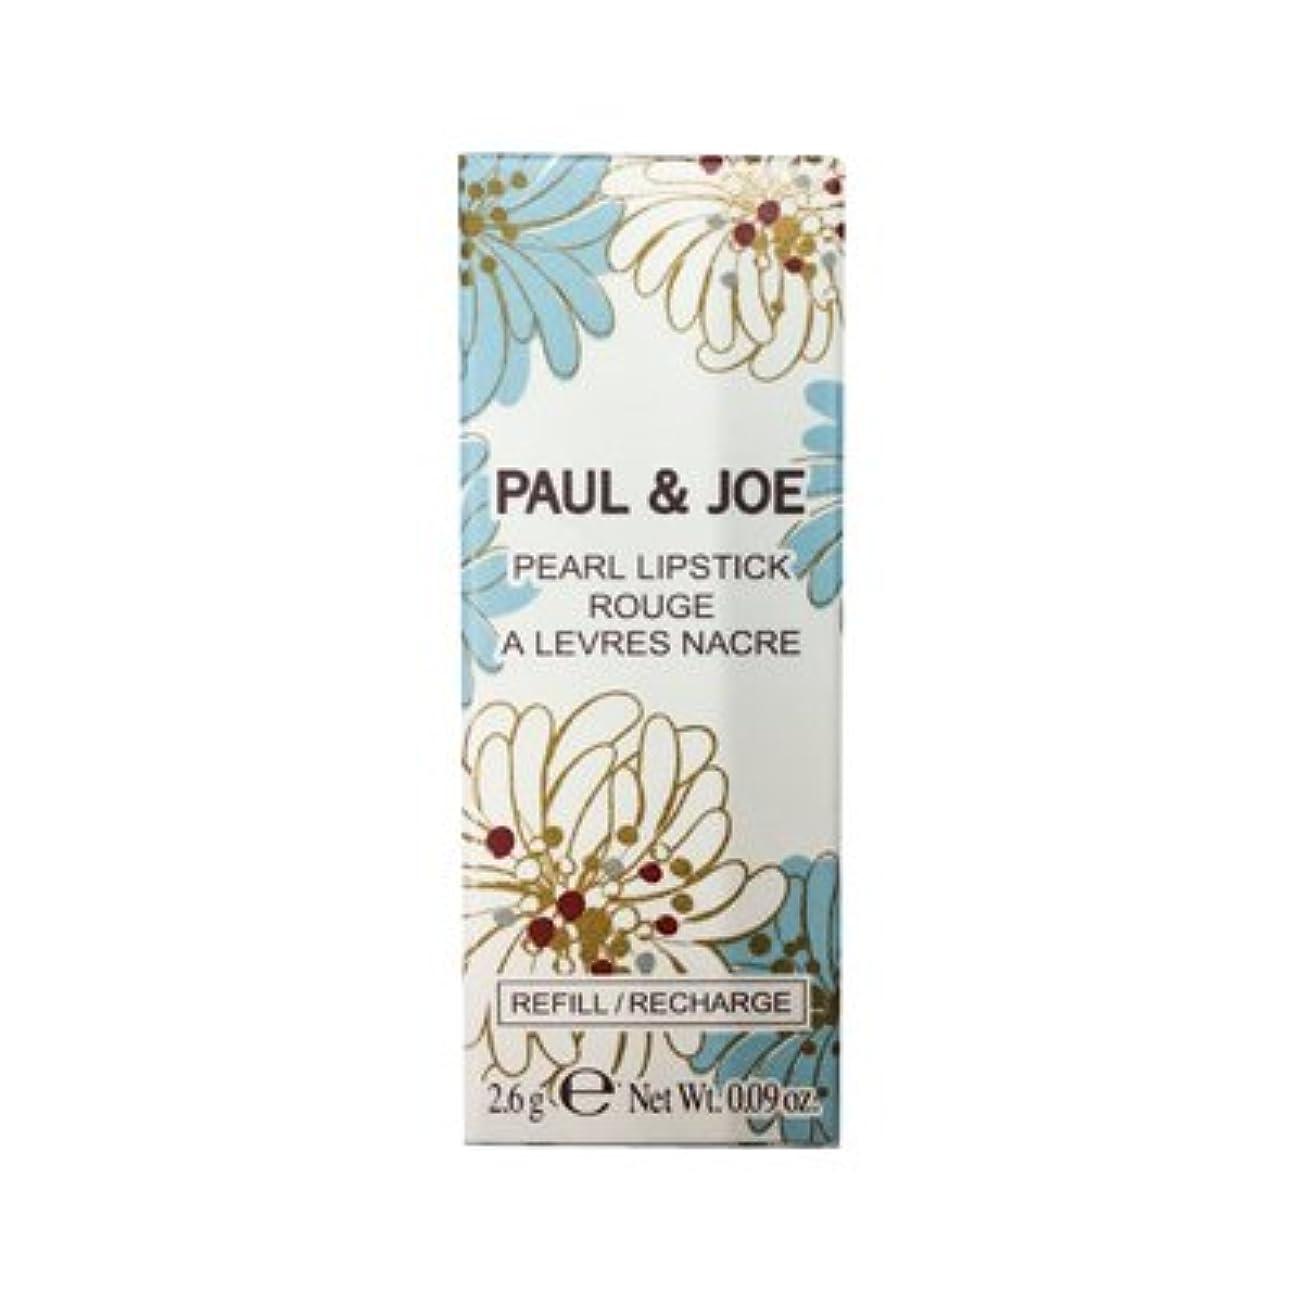 パンチ郵便物トリップポール & ジョー/PAUL & JOE リップスティックスクレドール(レフィル) #402 [並行輸入品]